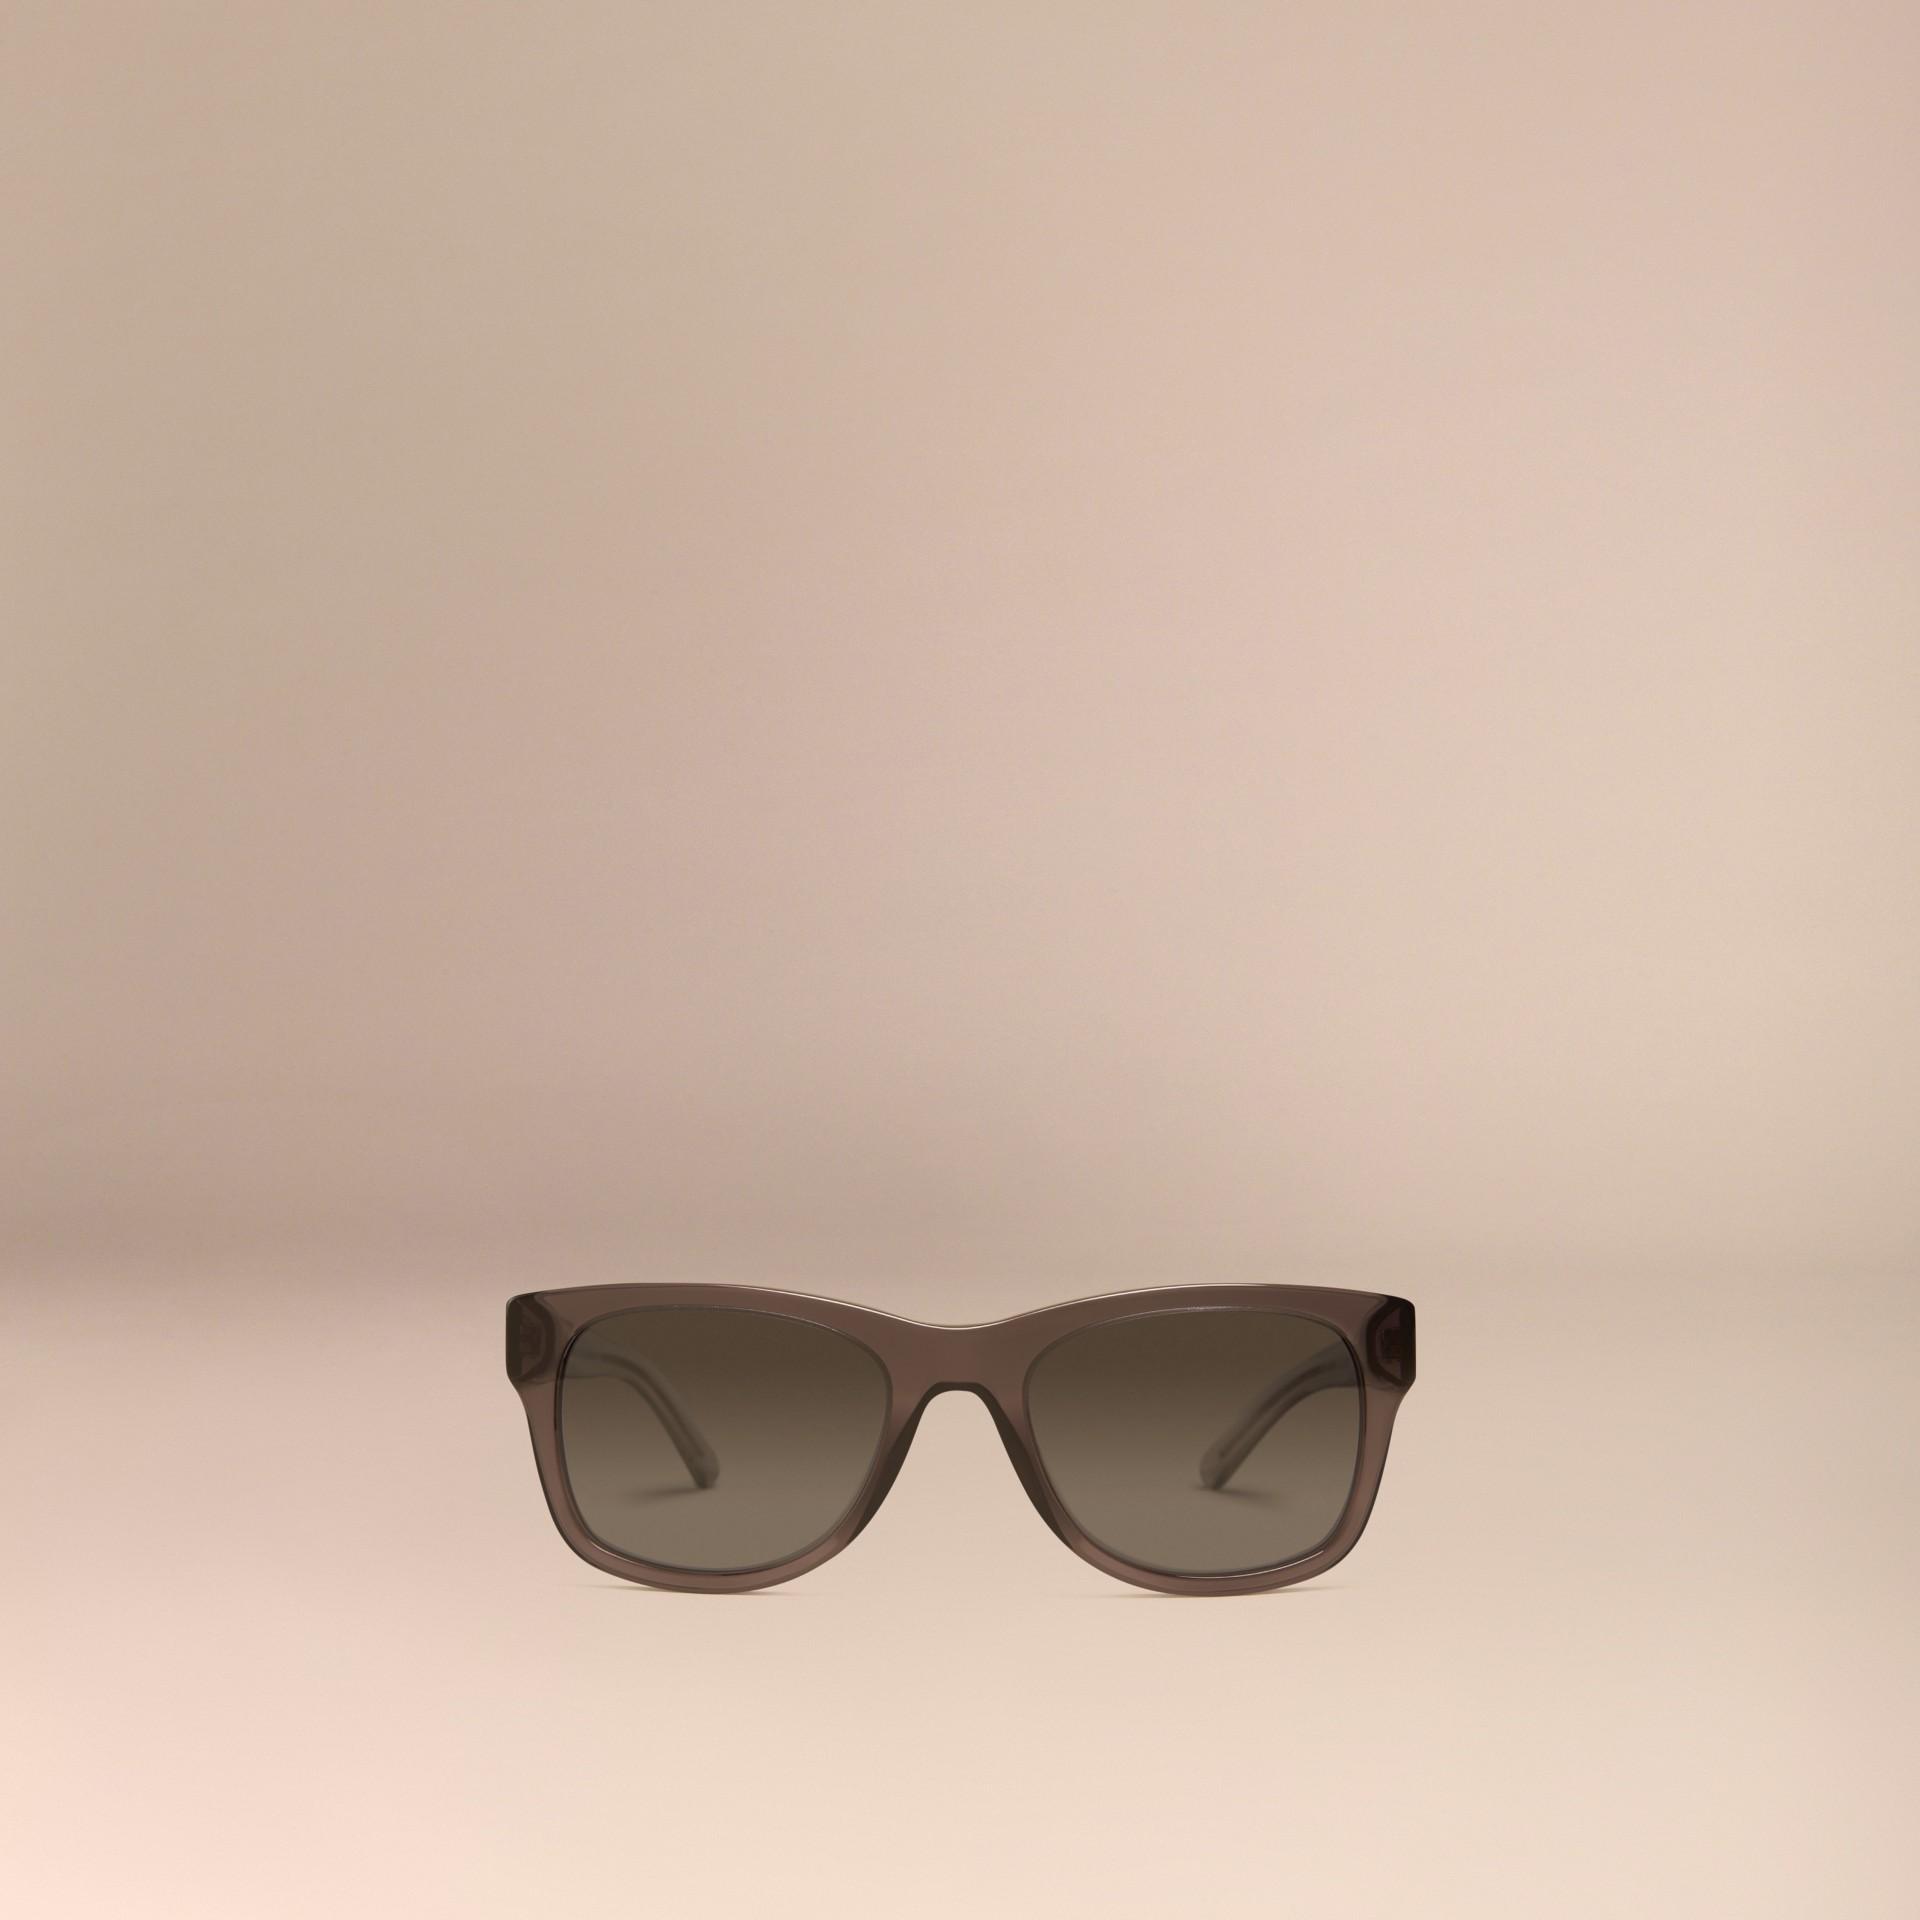 Grigio scuro Occhiali da sole con montatura quadrata e dettaglio check Grigio Scuro - immagine della galleria 3